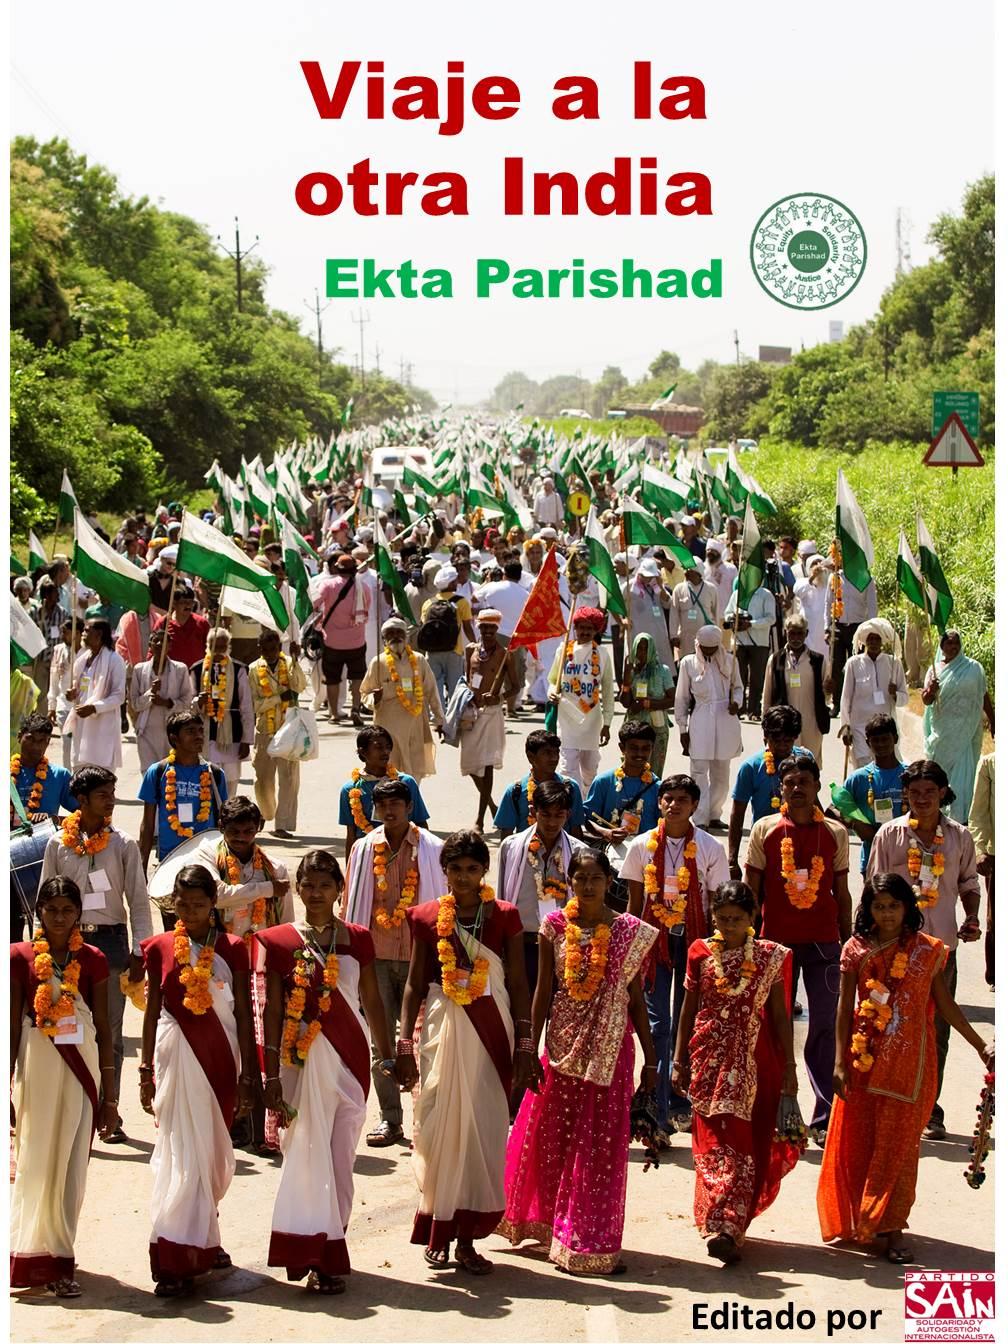 El SAIN edita el libro «Viaje a la otra India» (Descárgalo aquí)